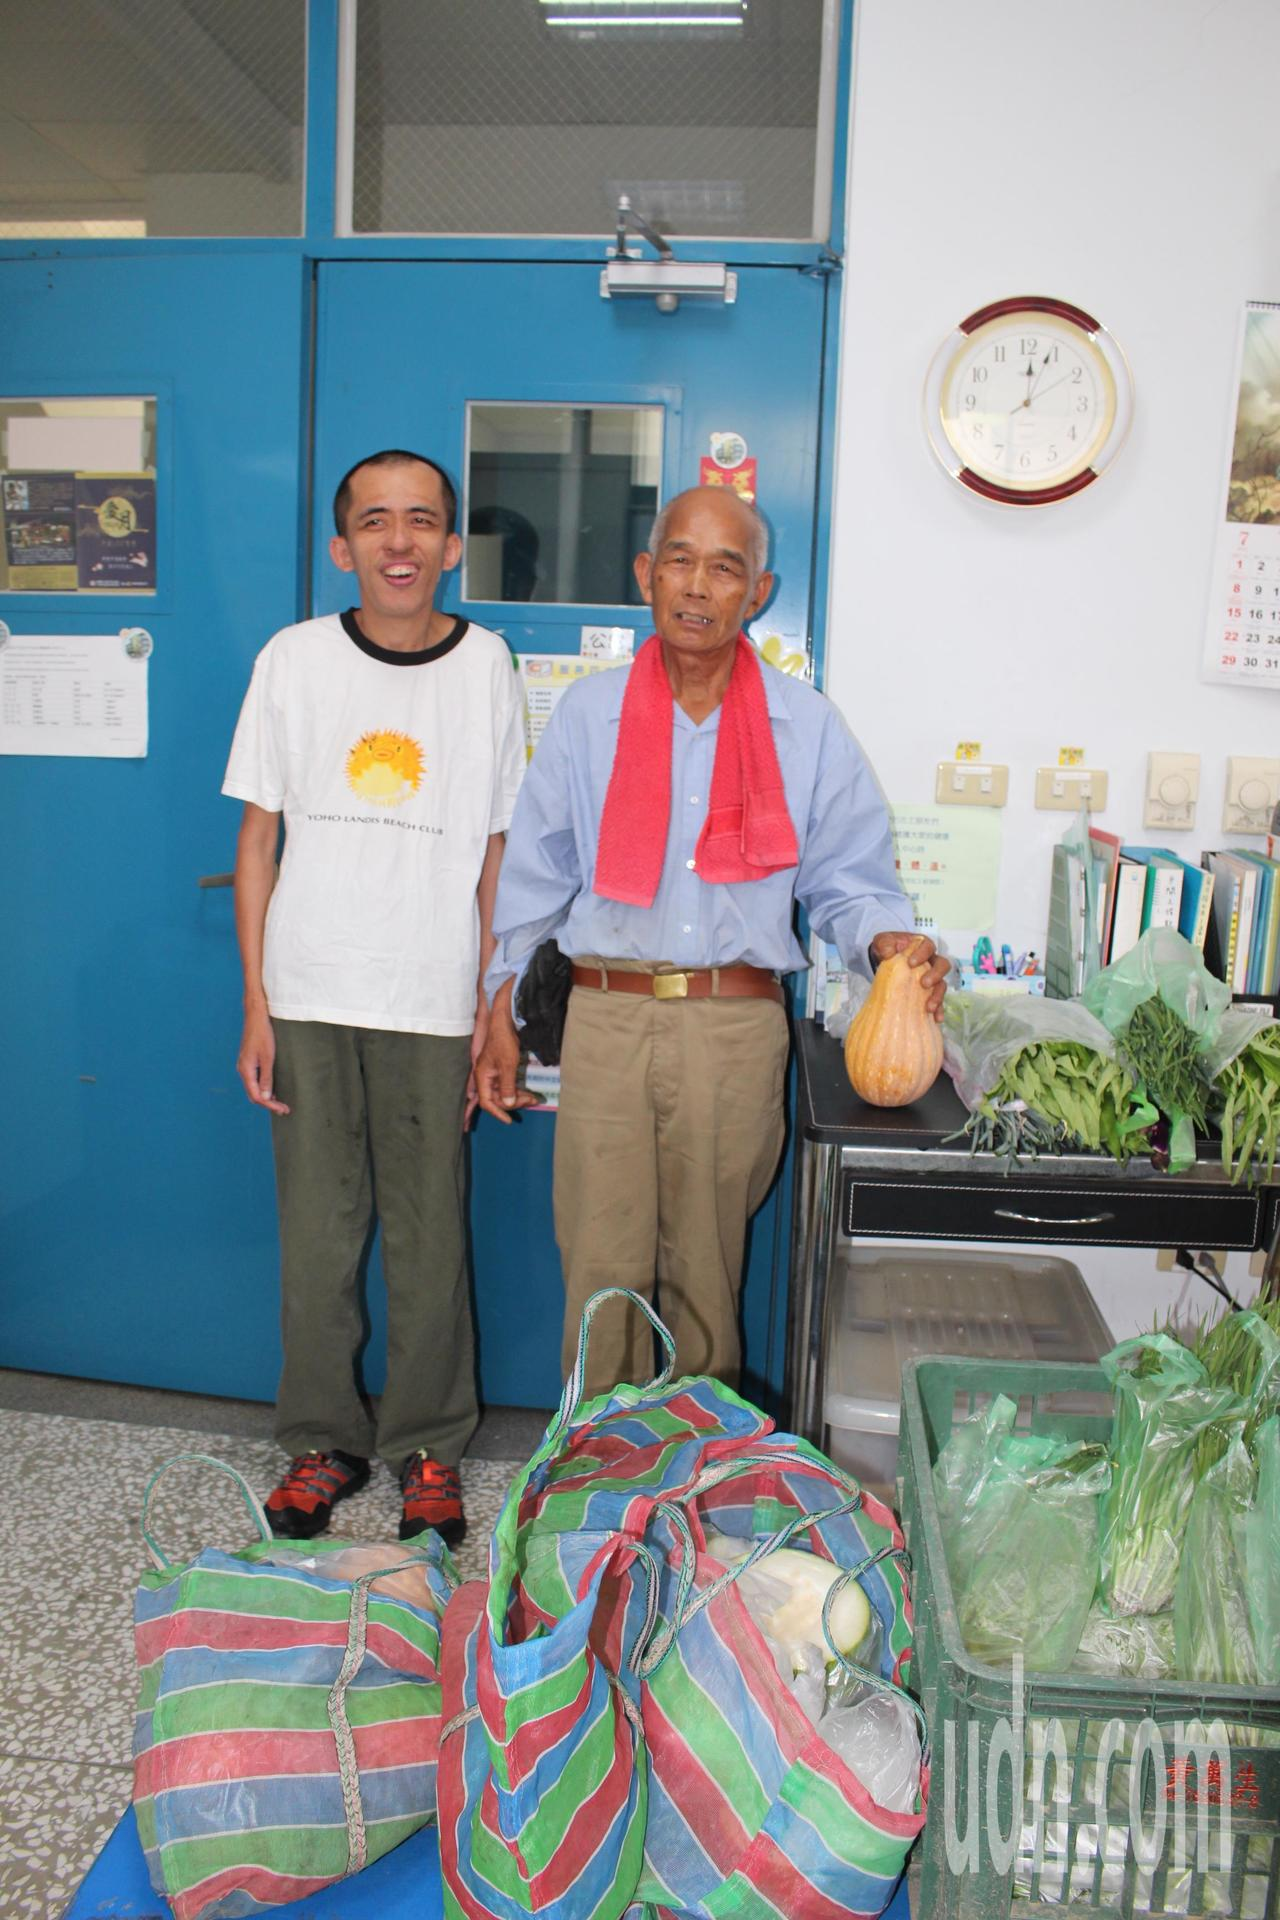 78歲羅榮億(右)為了支付家庭開銷、照顧重度智能障礙者的么子阿源,開始學習種菜、...